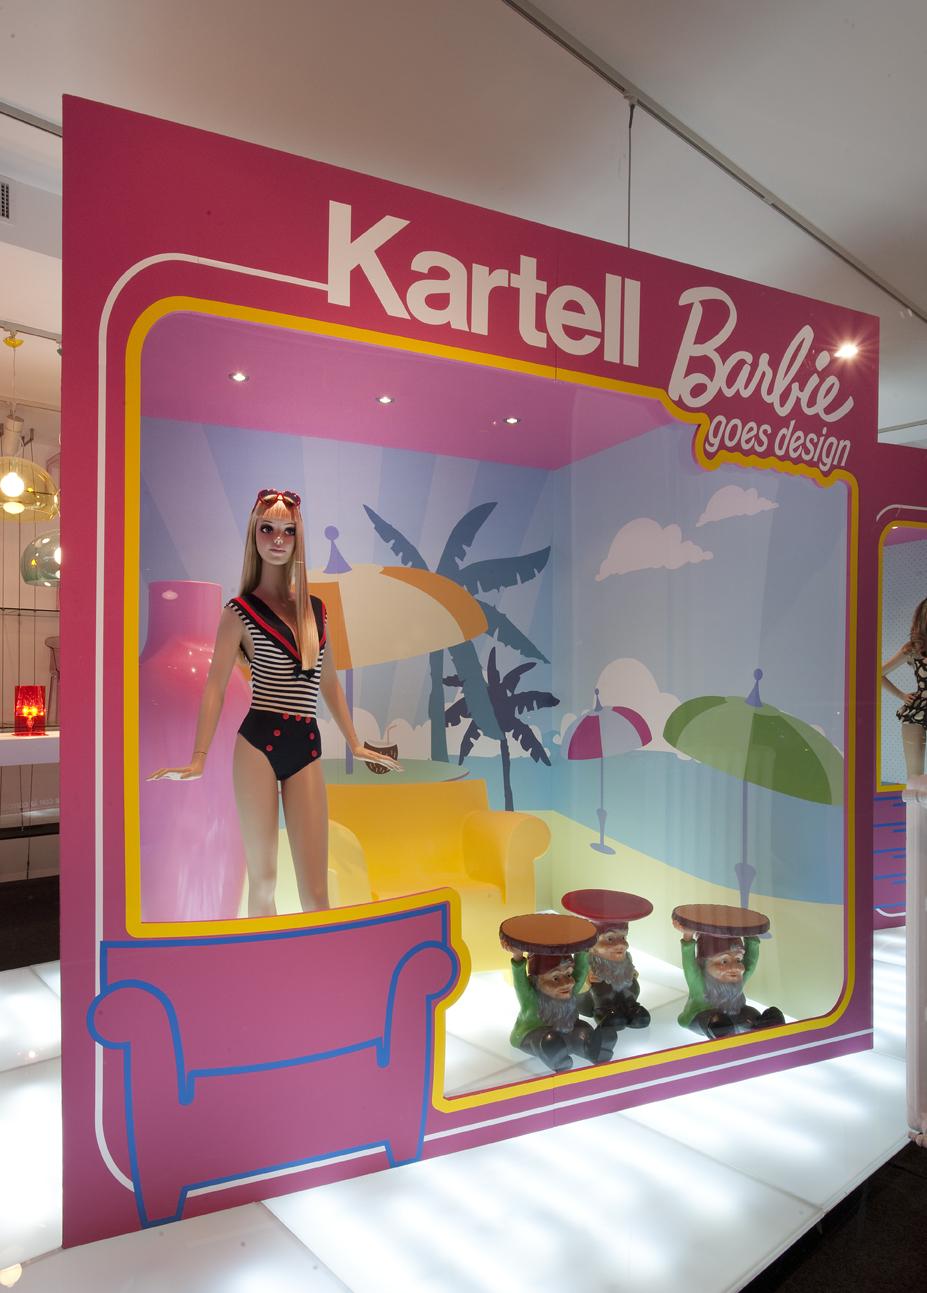 Kartell&Barbie Flag